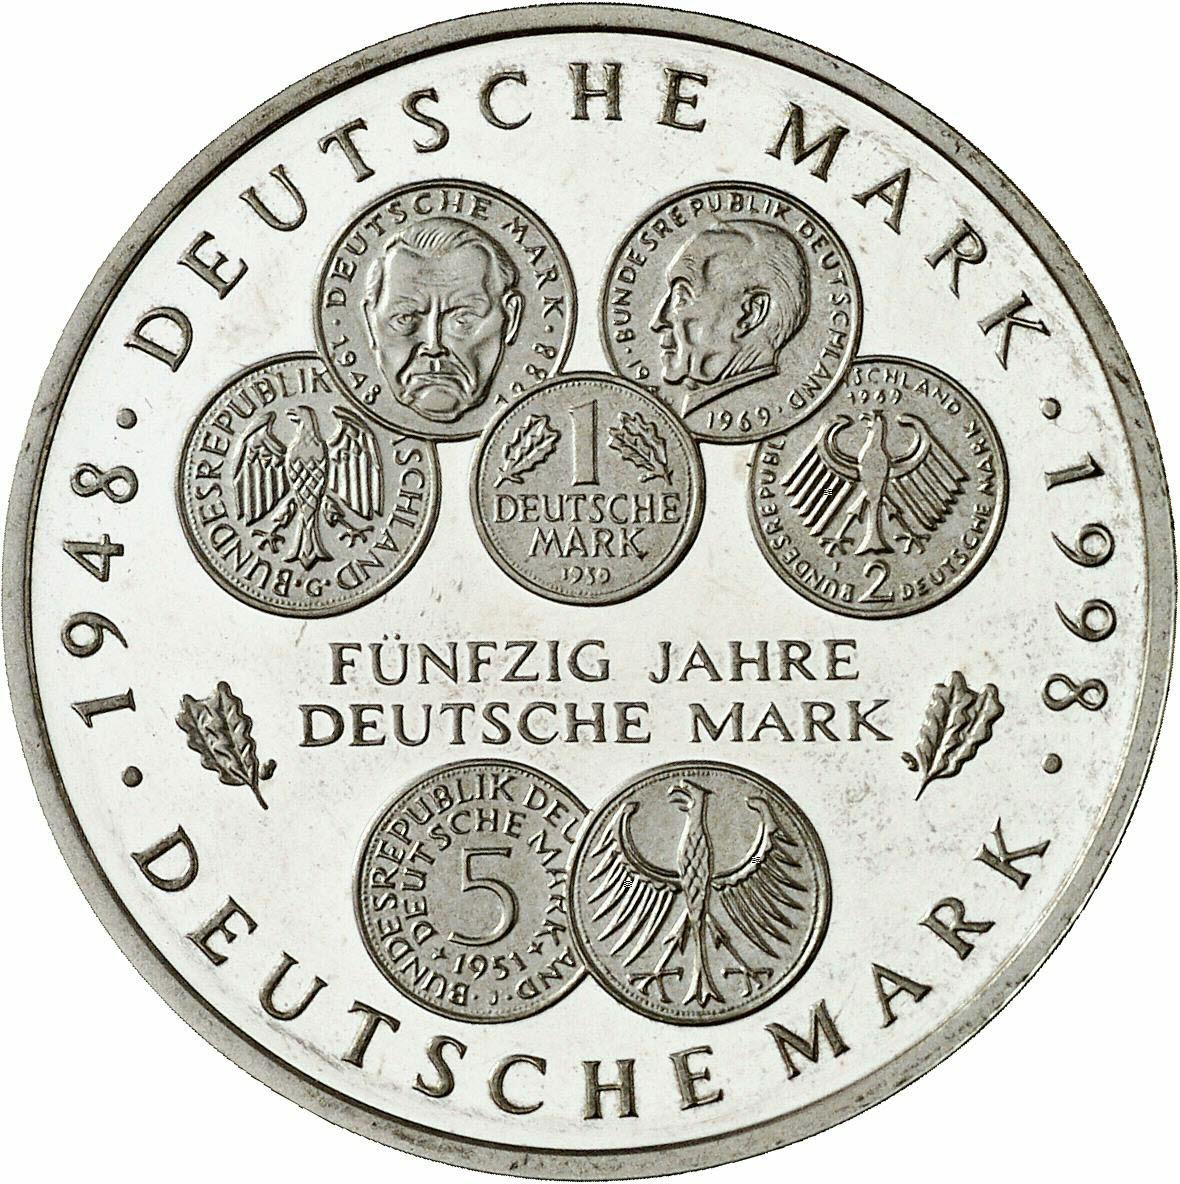 DE 10 Deutsche Mark 1998 G